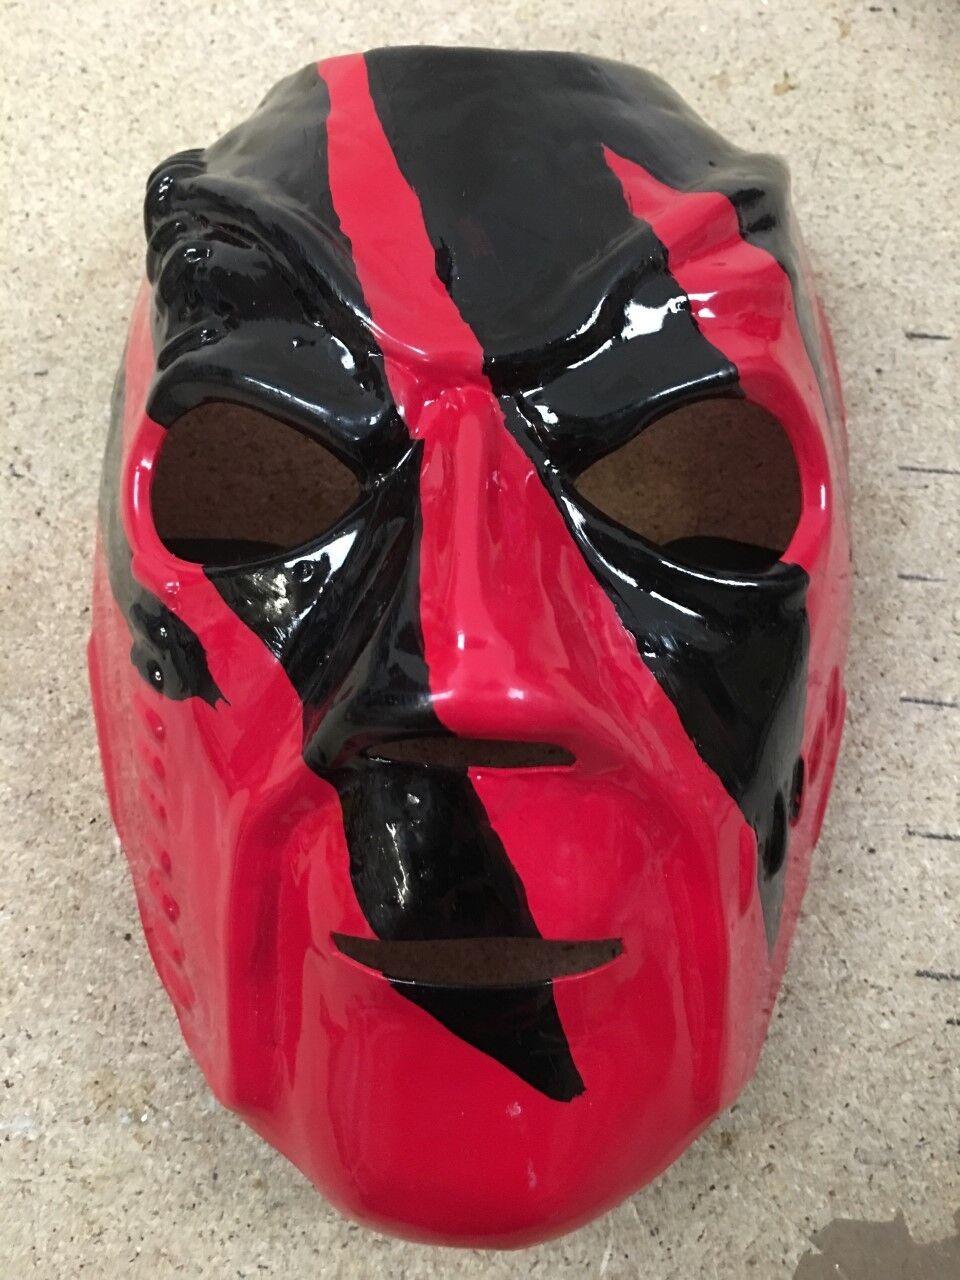 UK Kane Wwe Wwe Wwe Wwf Wrestling Integrale Nuovo Costume Up Maschera Adulti Bambino 5ce6f9